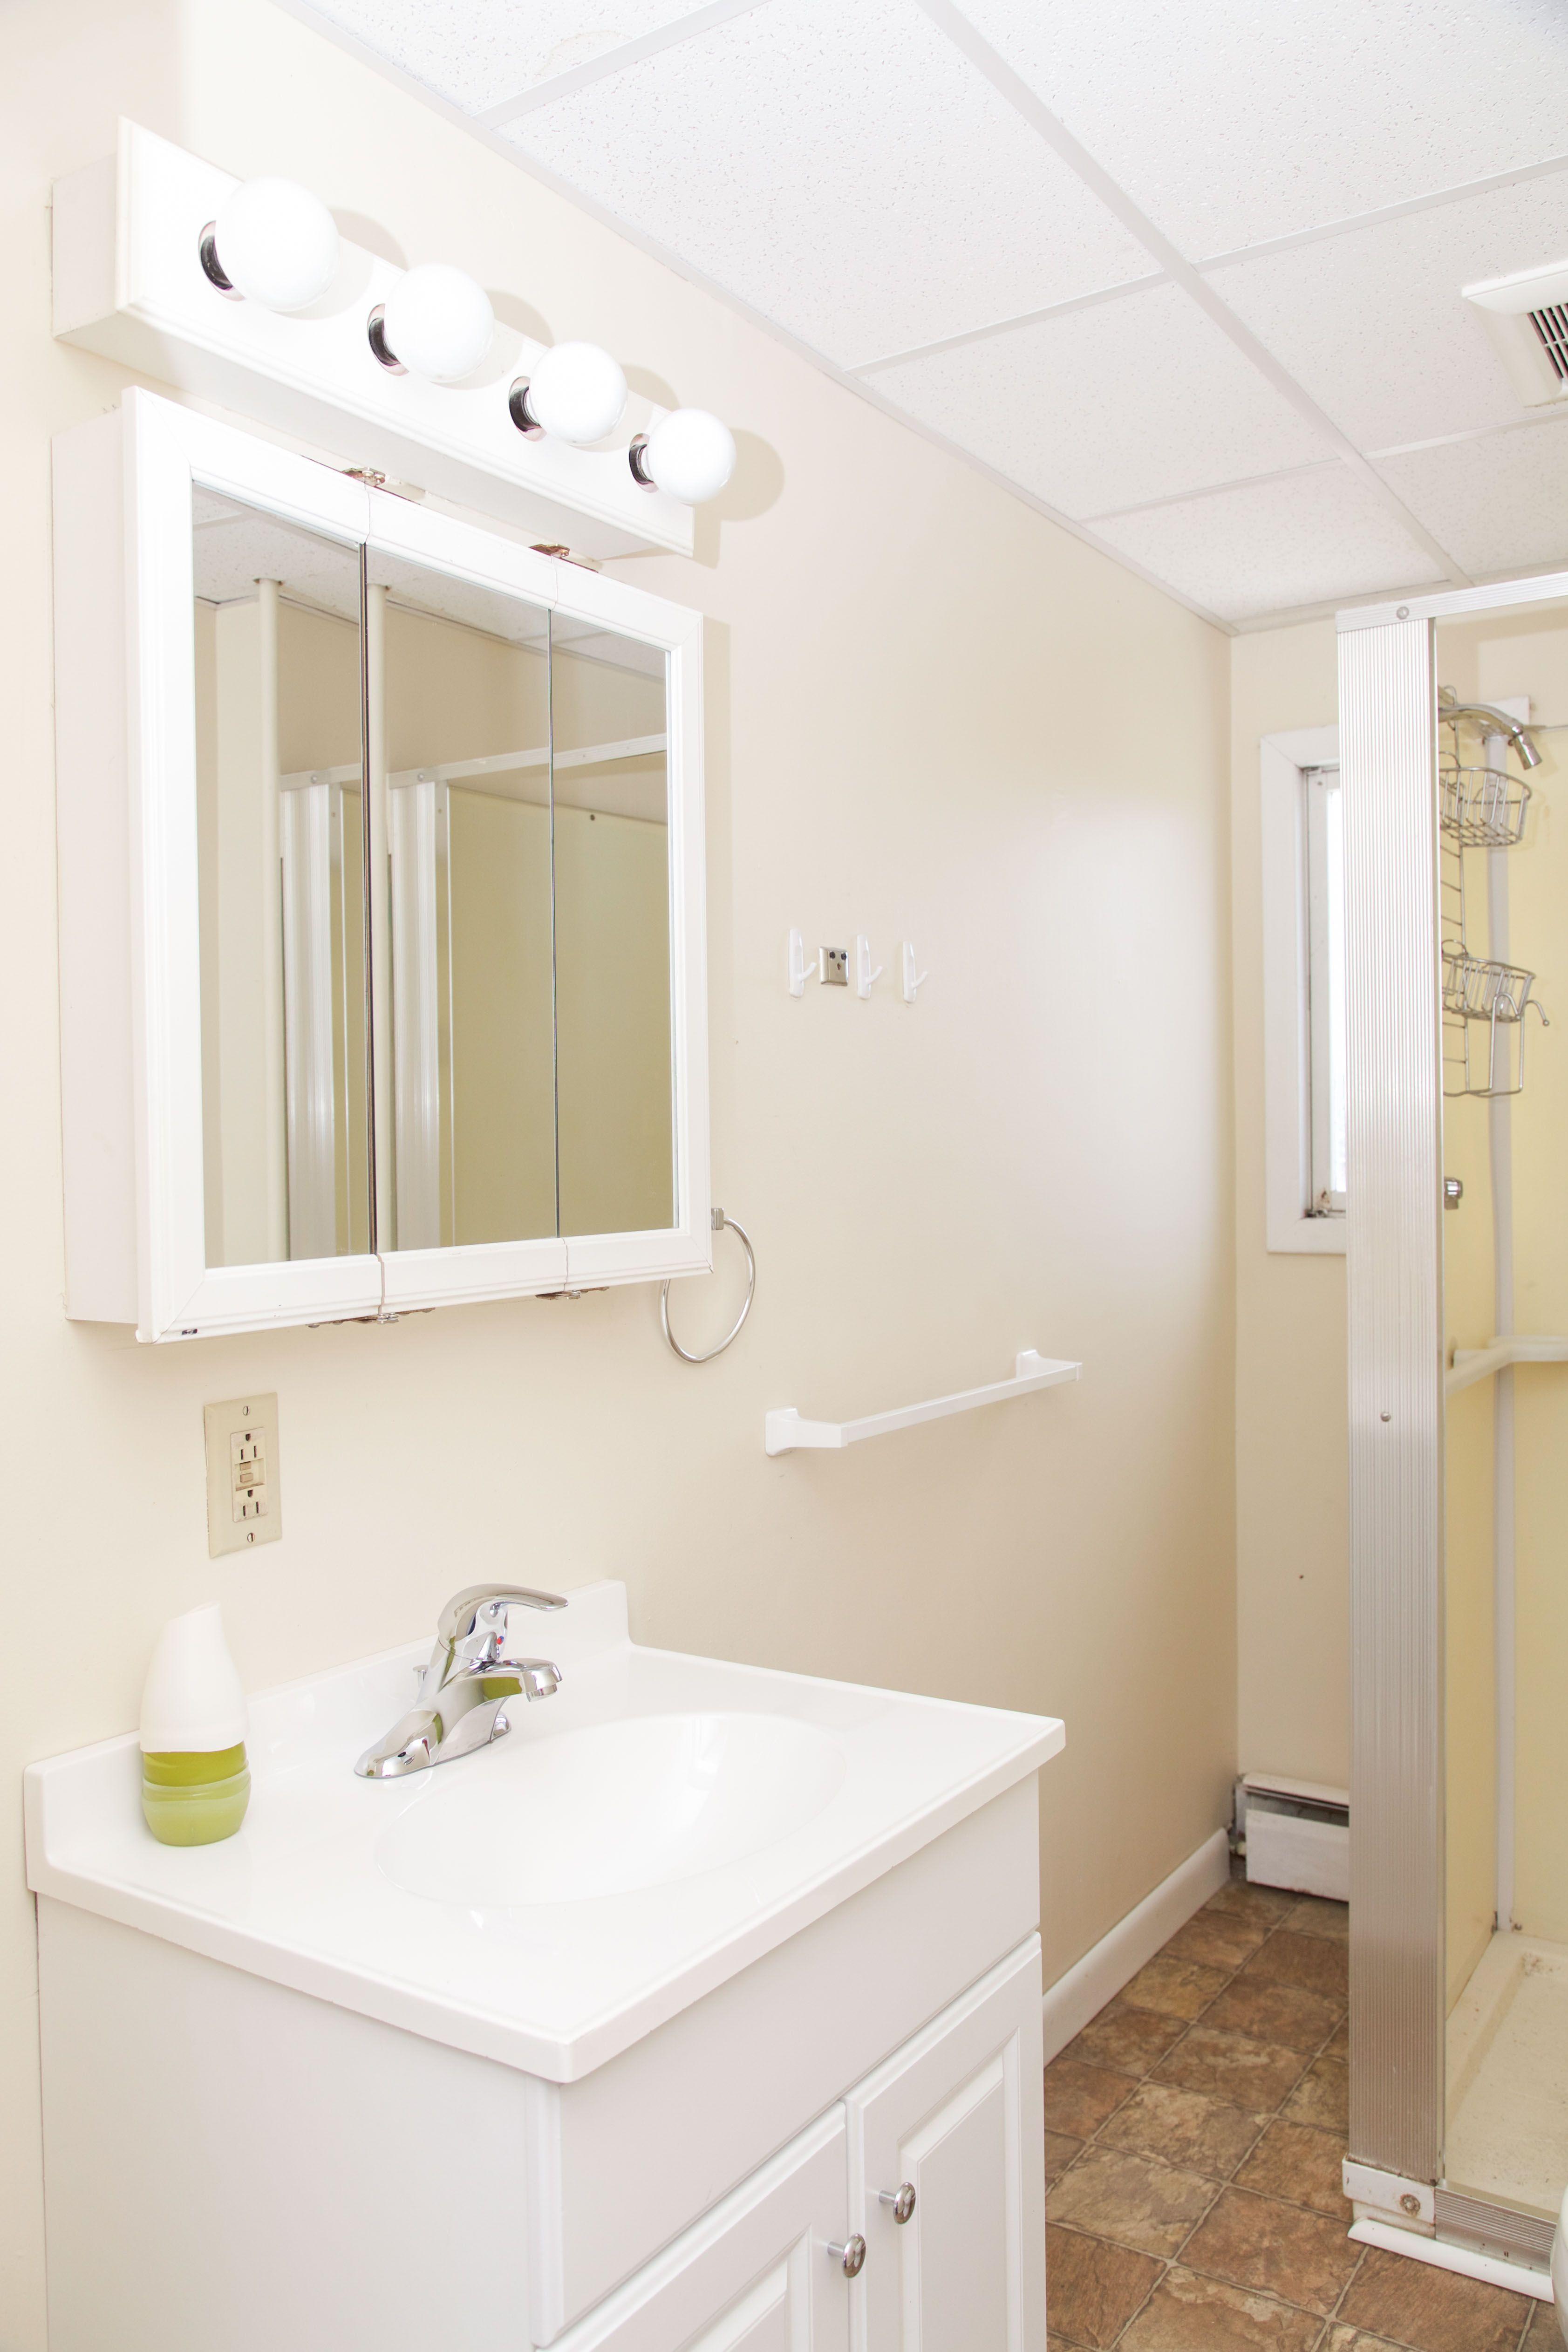 Burlington Victorian Garderobe Mit Waschbecken Burlington Einbaumobel Burlington Victorian Waschbecken Traditionelle Badezimmer Ideen Grossbrit Badezimmer Badezimmer Mobel Und Badezimmer M